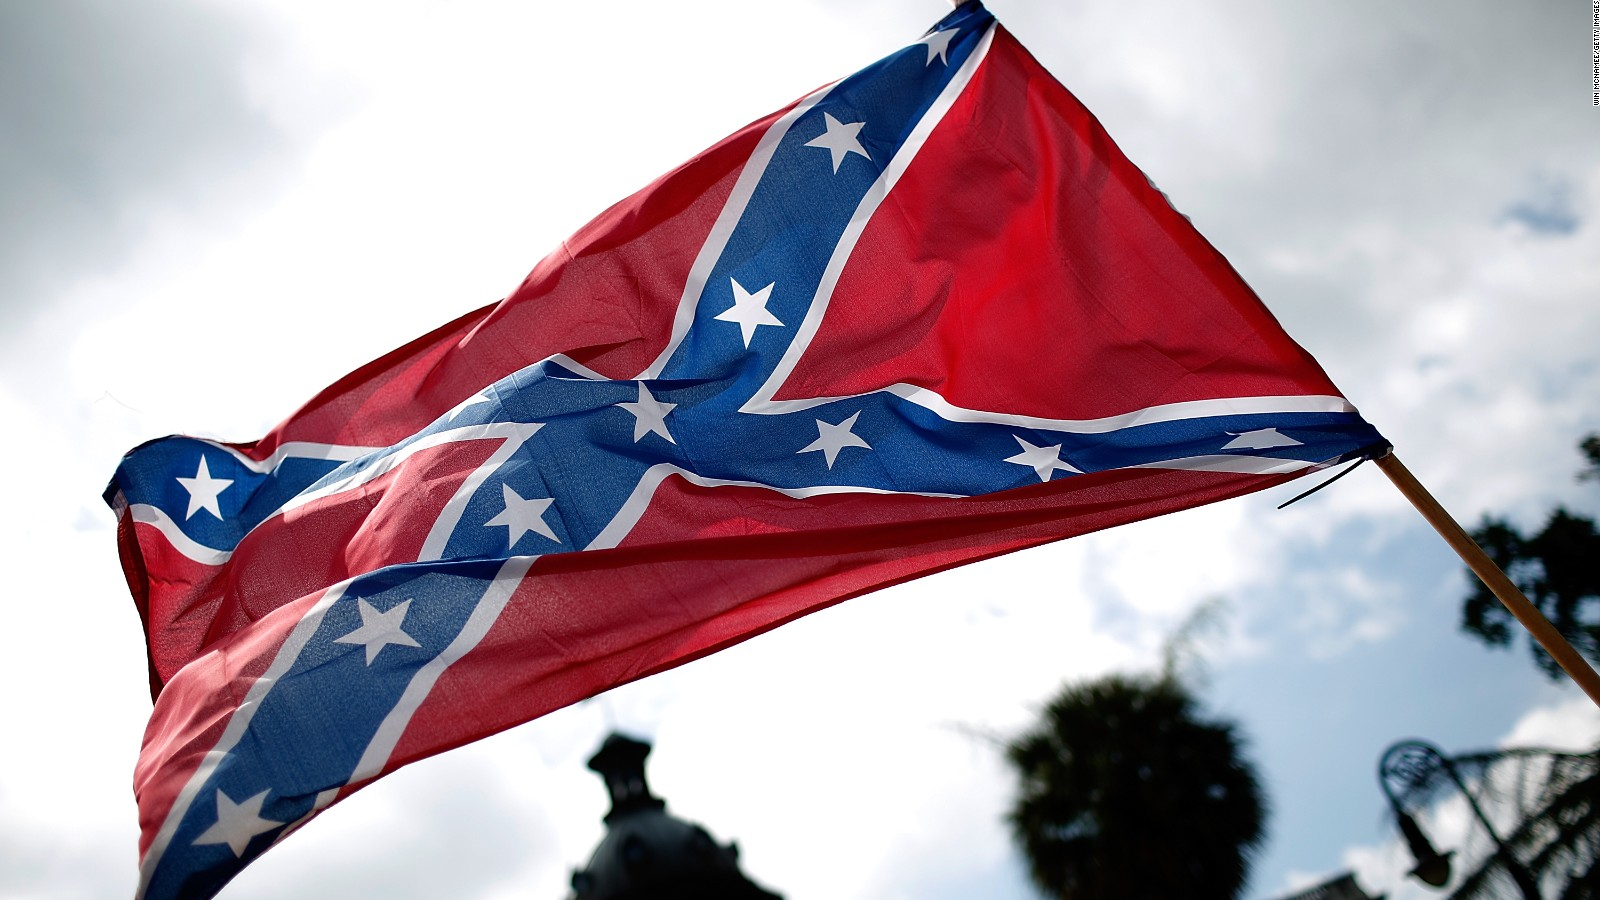 Floryda usunie część świat związanych z Konfederacją?